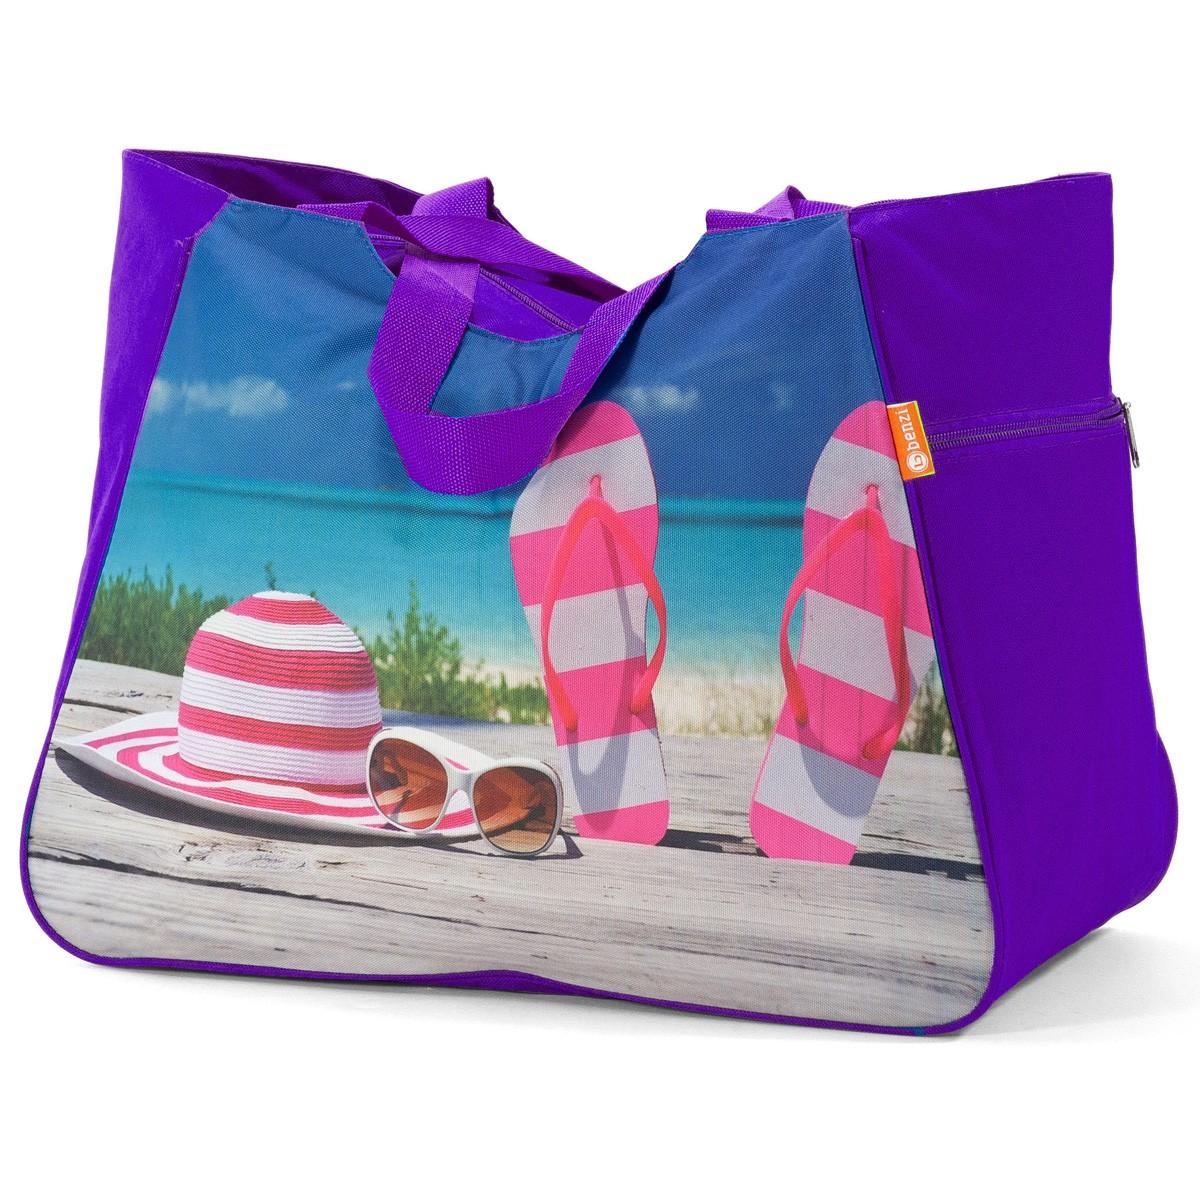 Τσάντα Παραλίας Benzi 5002 Purple